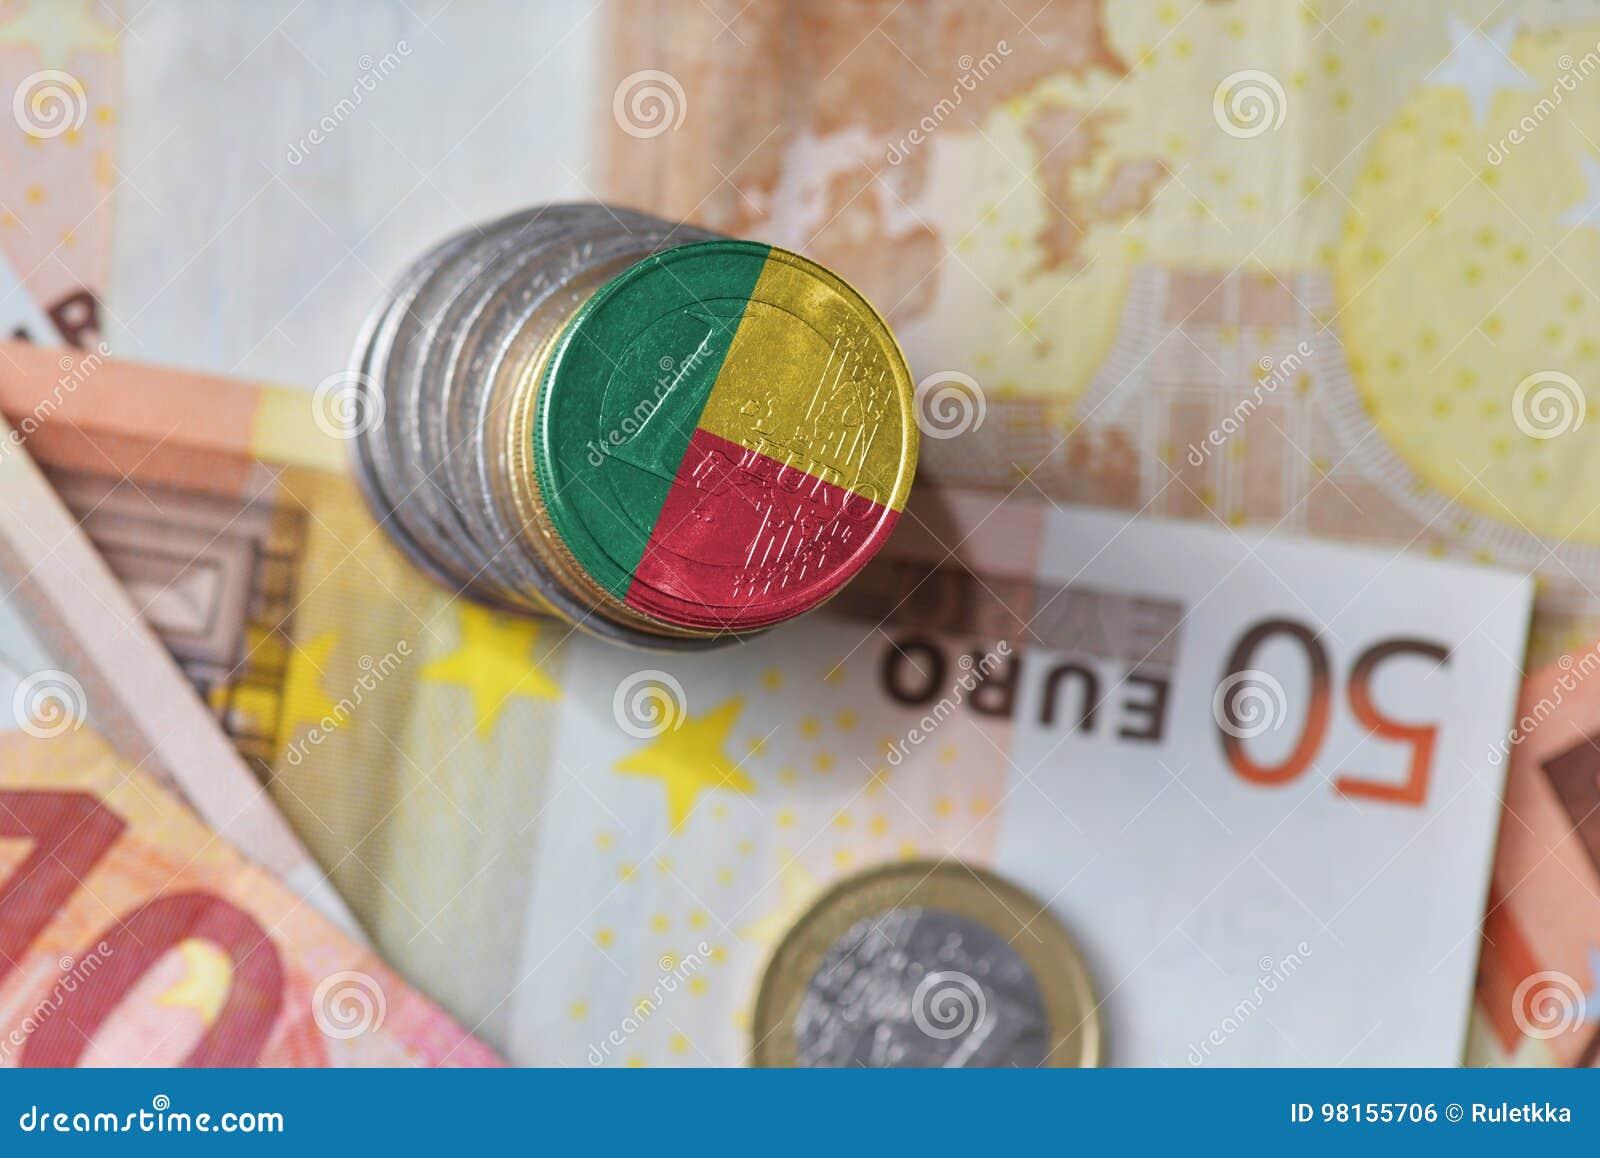 Euro muntstuk met nationale vlag van benin op de euro achtergrond van geldbankbiljetten